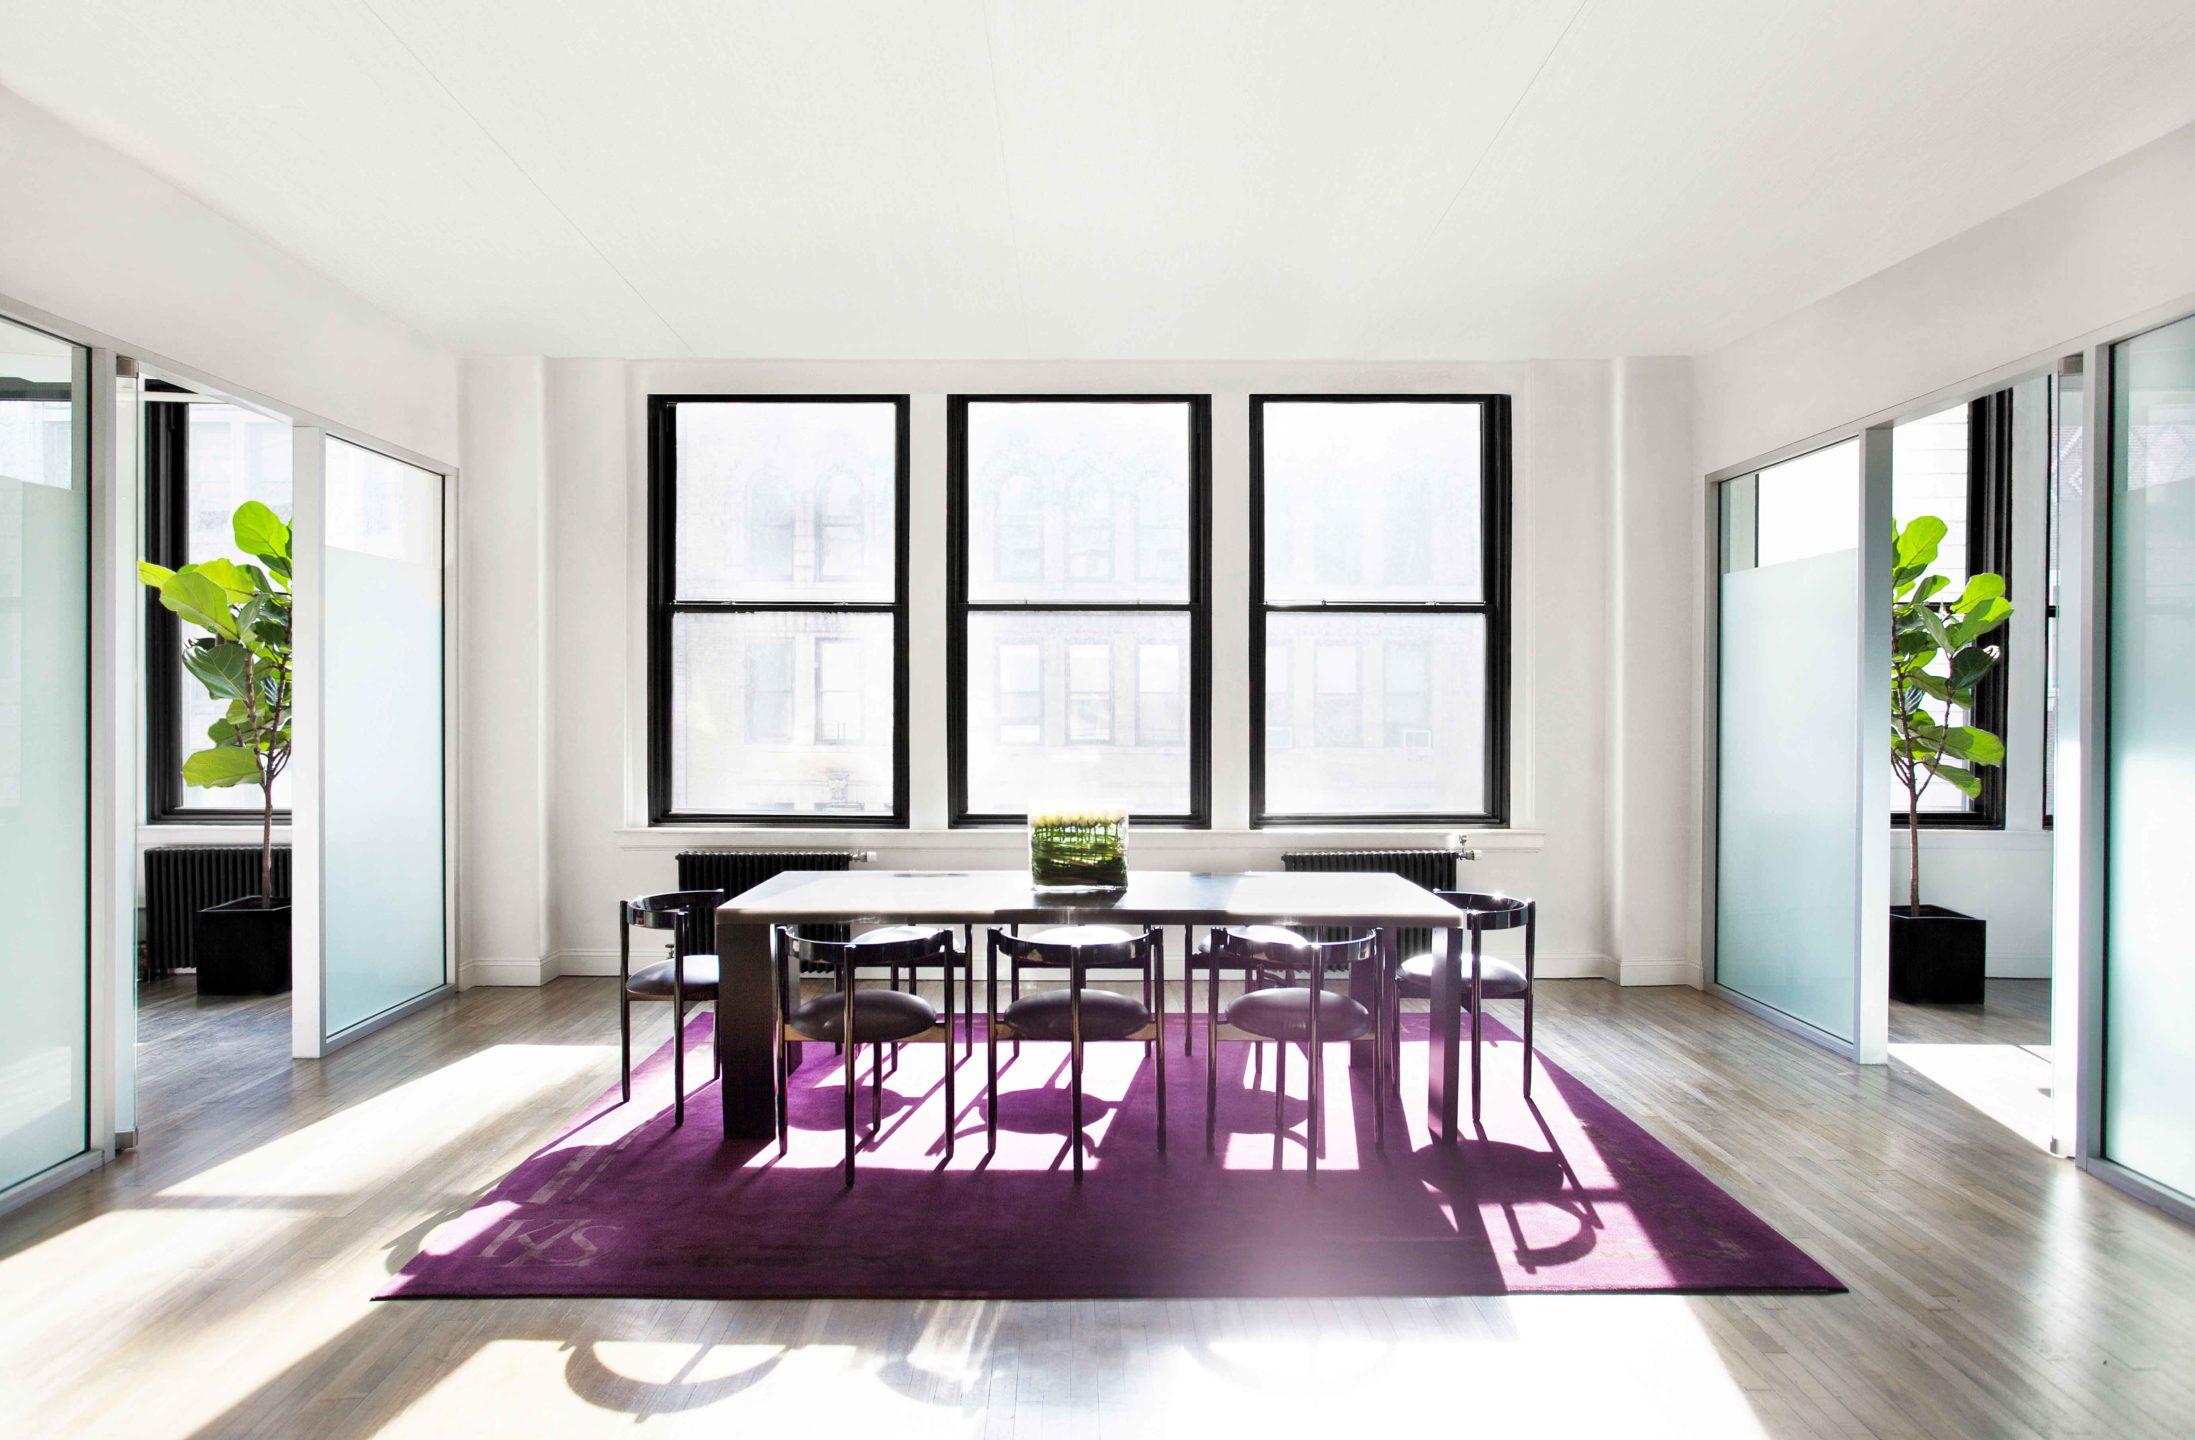 Nicole-Fuller-KLS-Kimora-Lee-Simmons-offices-new-york-interior-designer-7